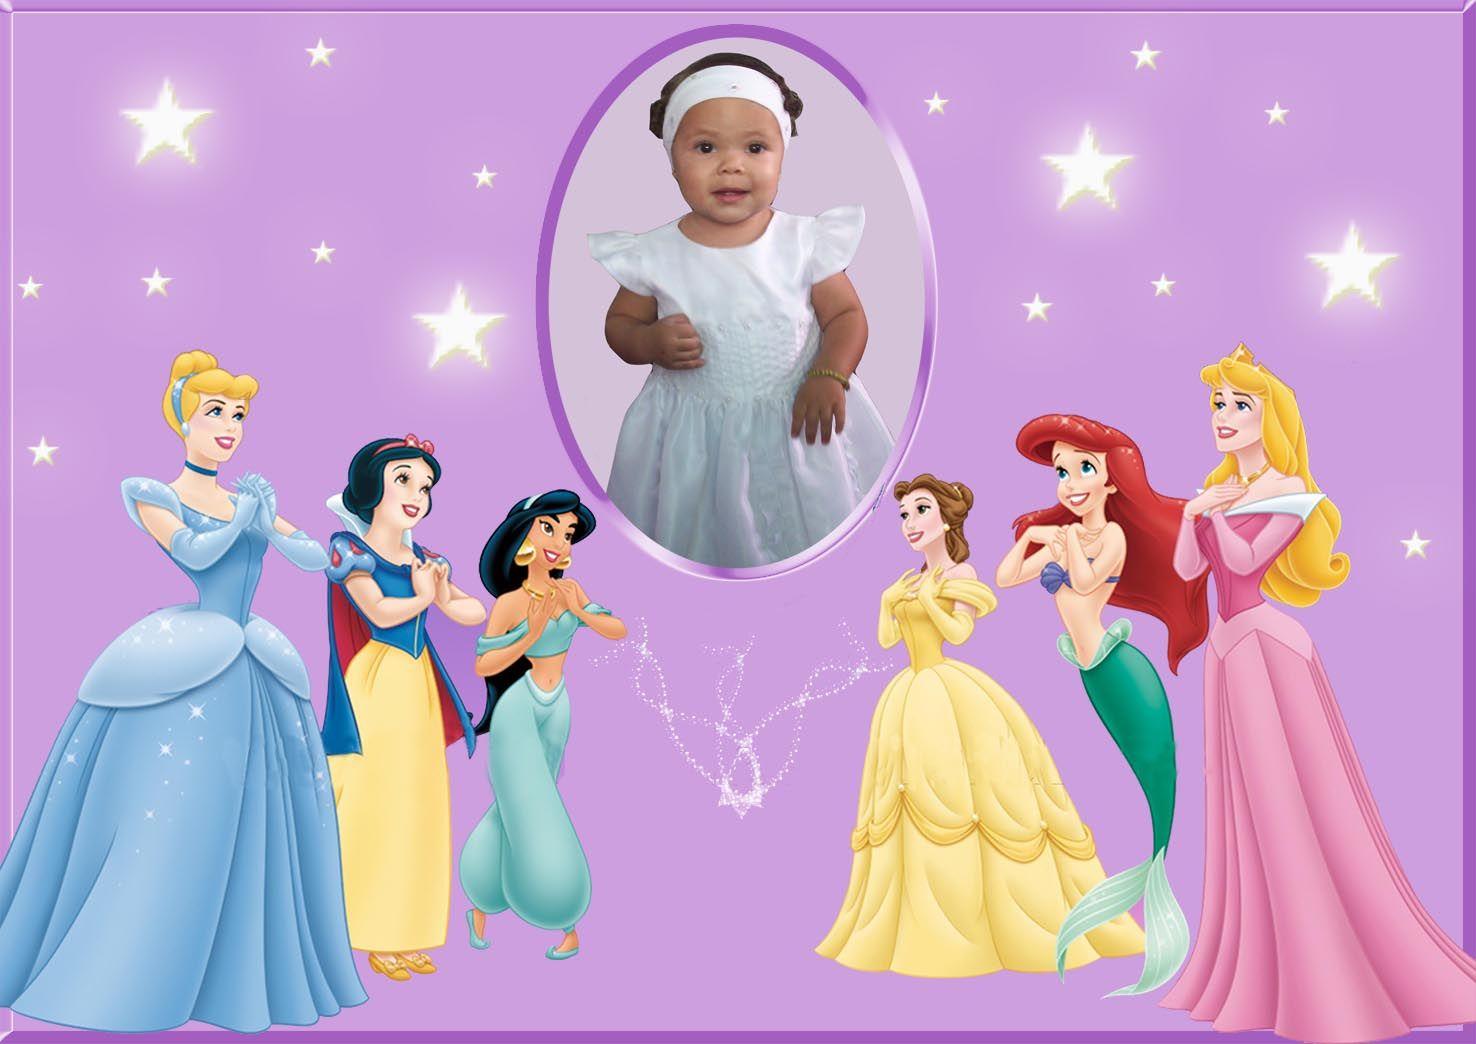 Tarjetas de cumpleaos de princesas para dedicar 10 en hd gratis tarjetas de cumpleaos de princesas para dedicar 10 en hd gratis thecheapjerseys Choice Image